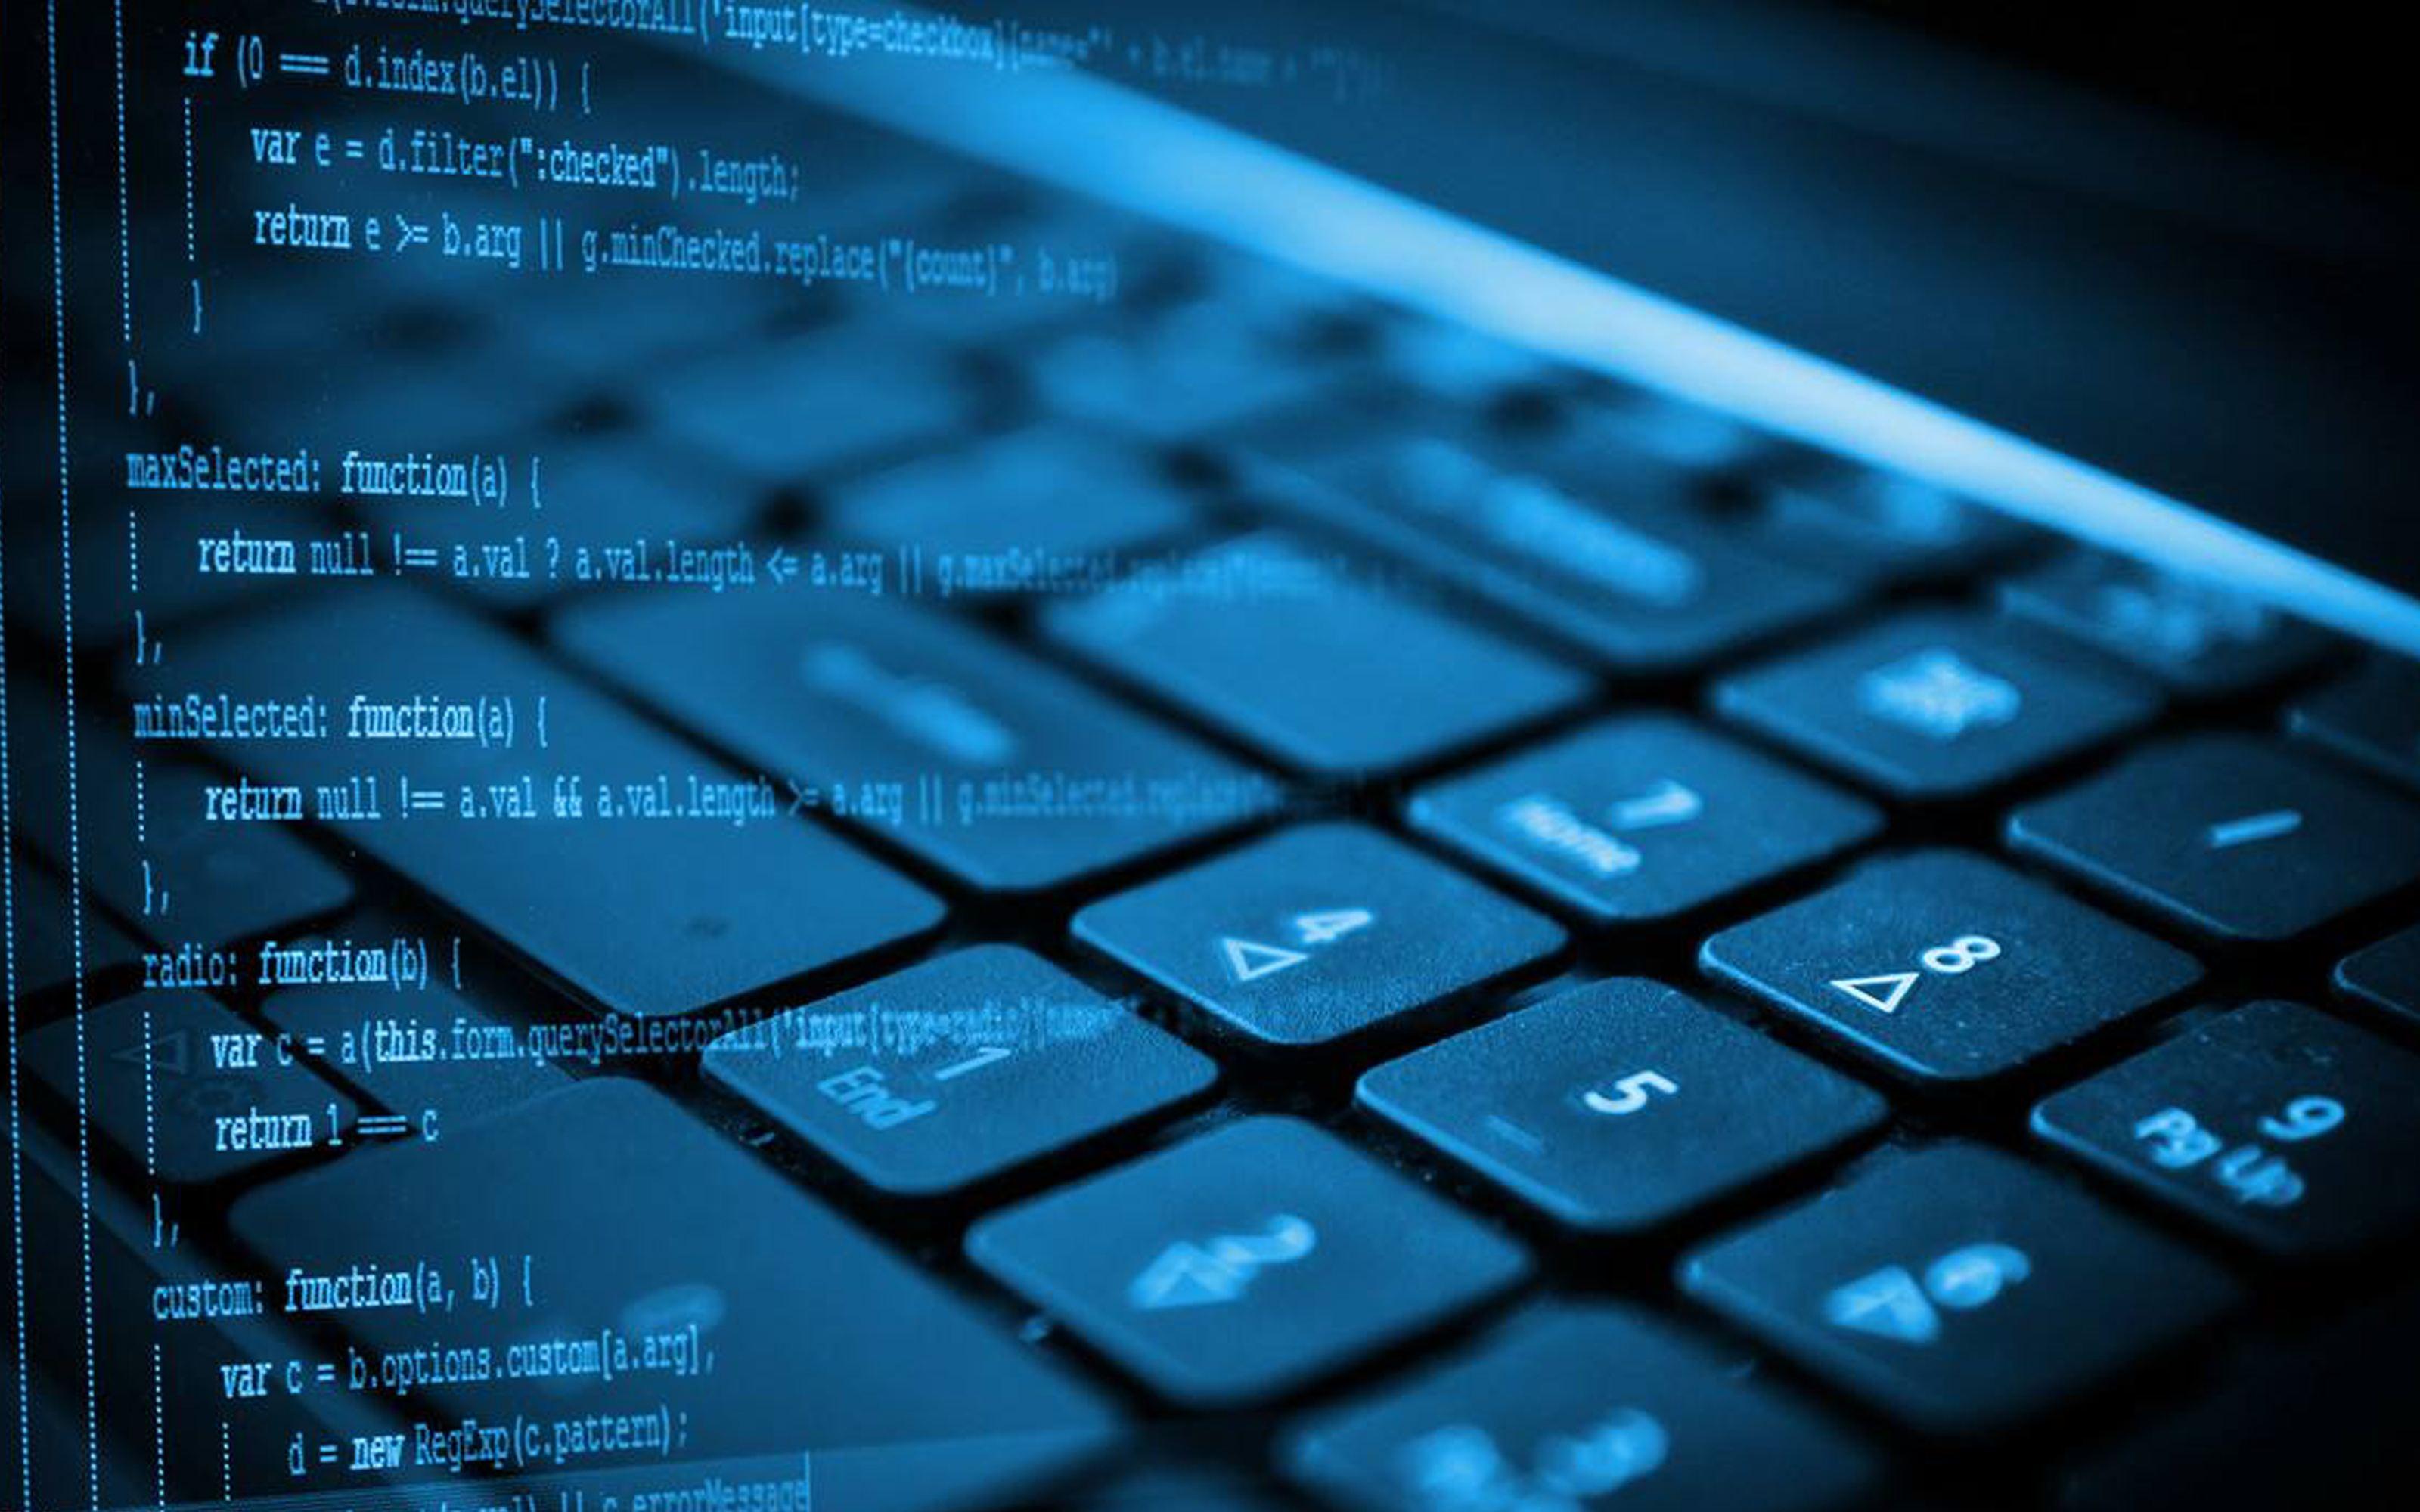 c语言程序设计难学吗-IT技术网站